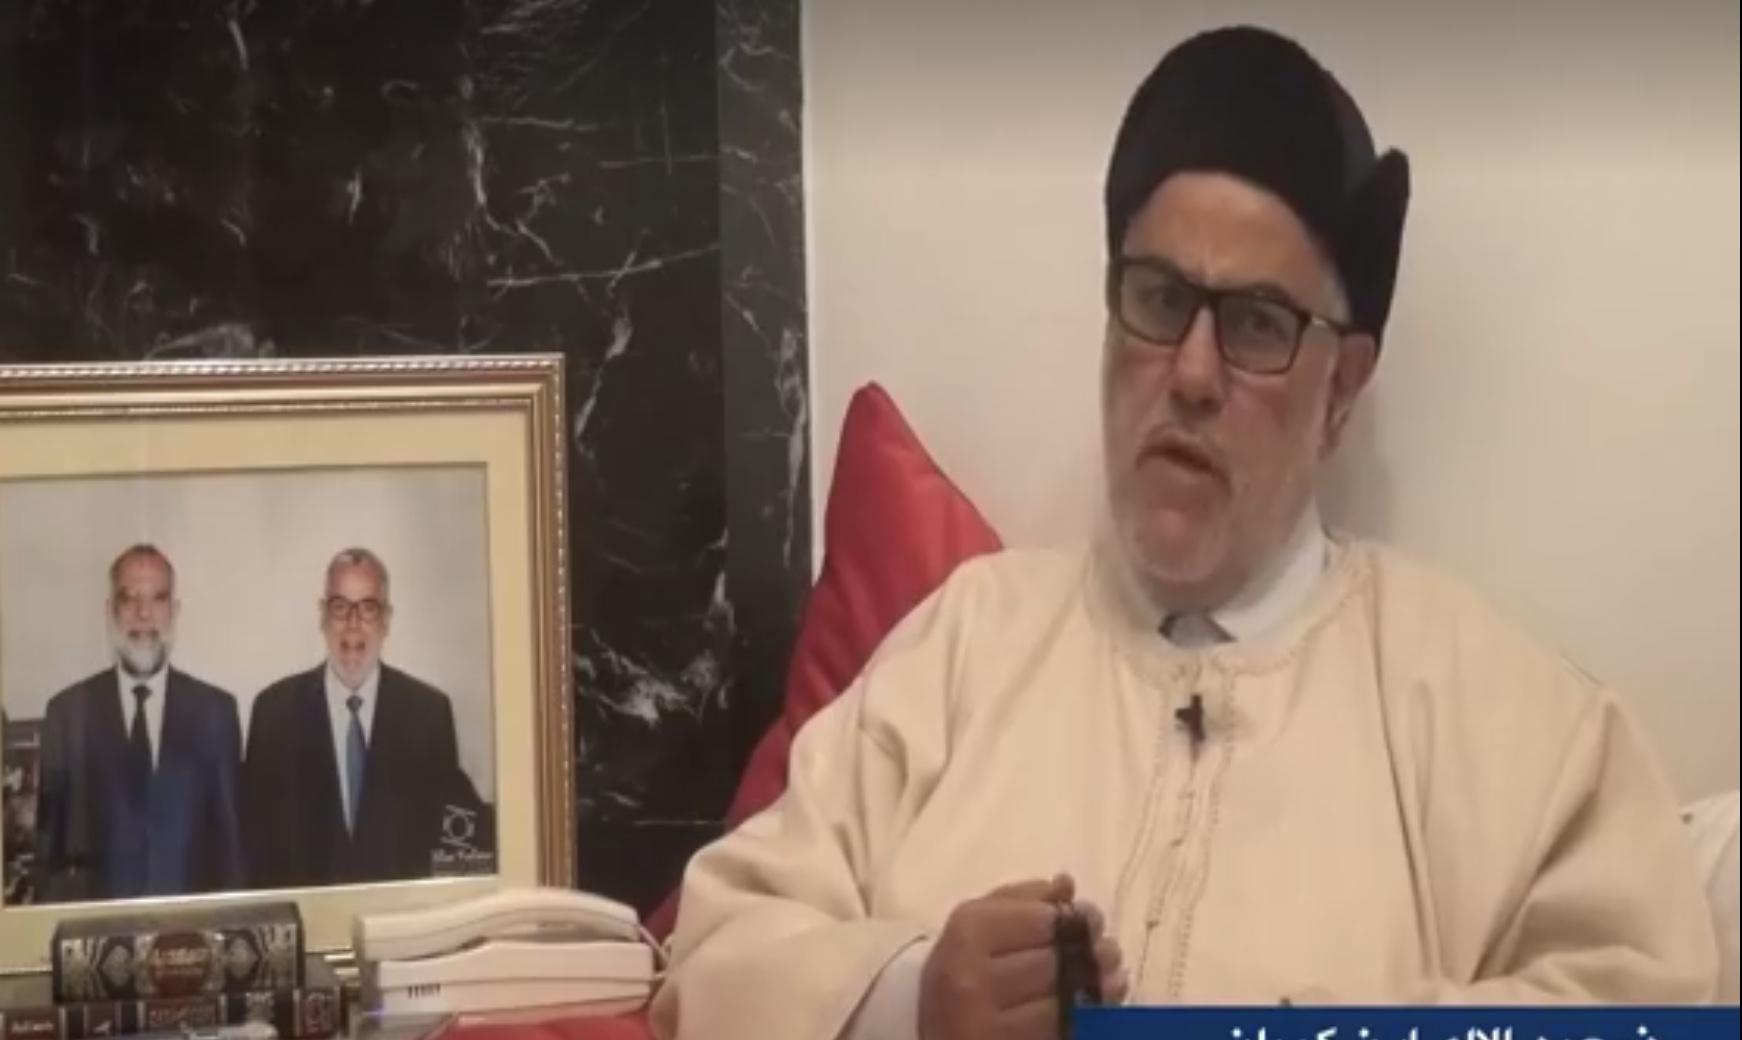 بنكيران يعترفُ والسٓبحةُ في يديه بجمعه بين معاش برلماني وراتب رئيس حكومة طيلة خمس سنوات